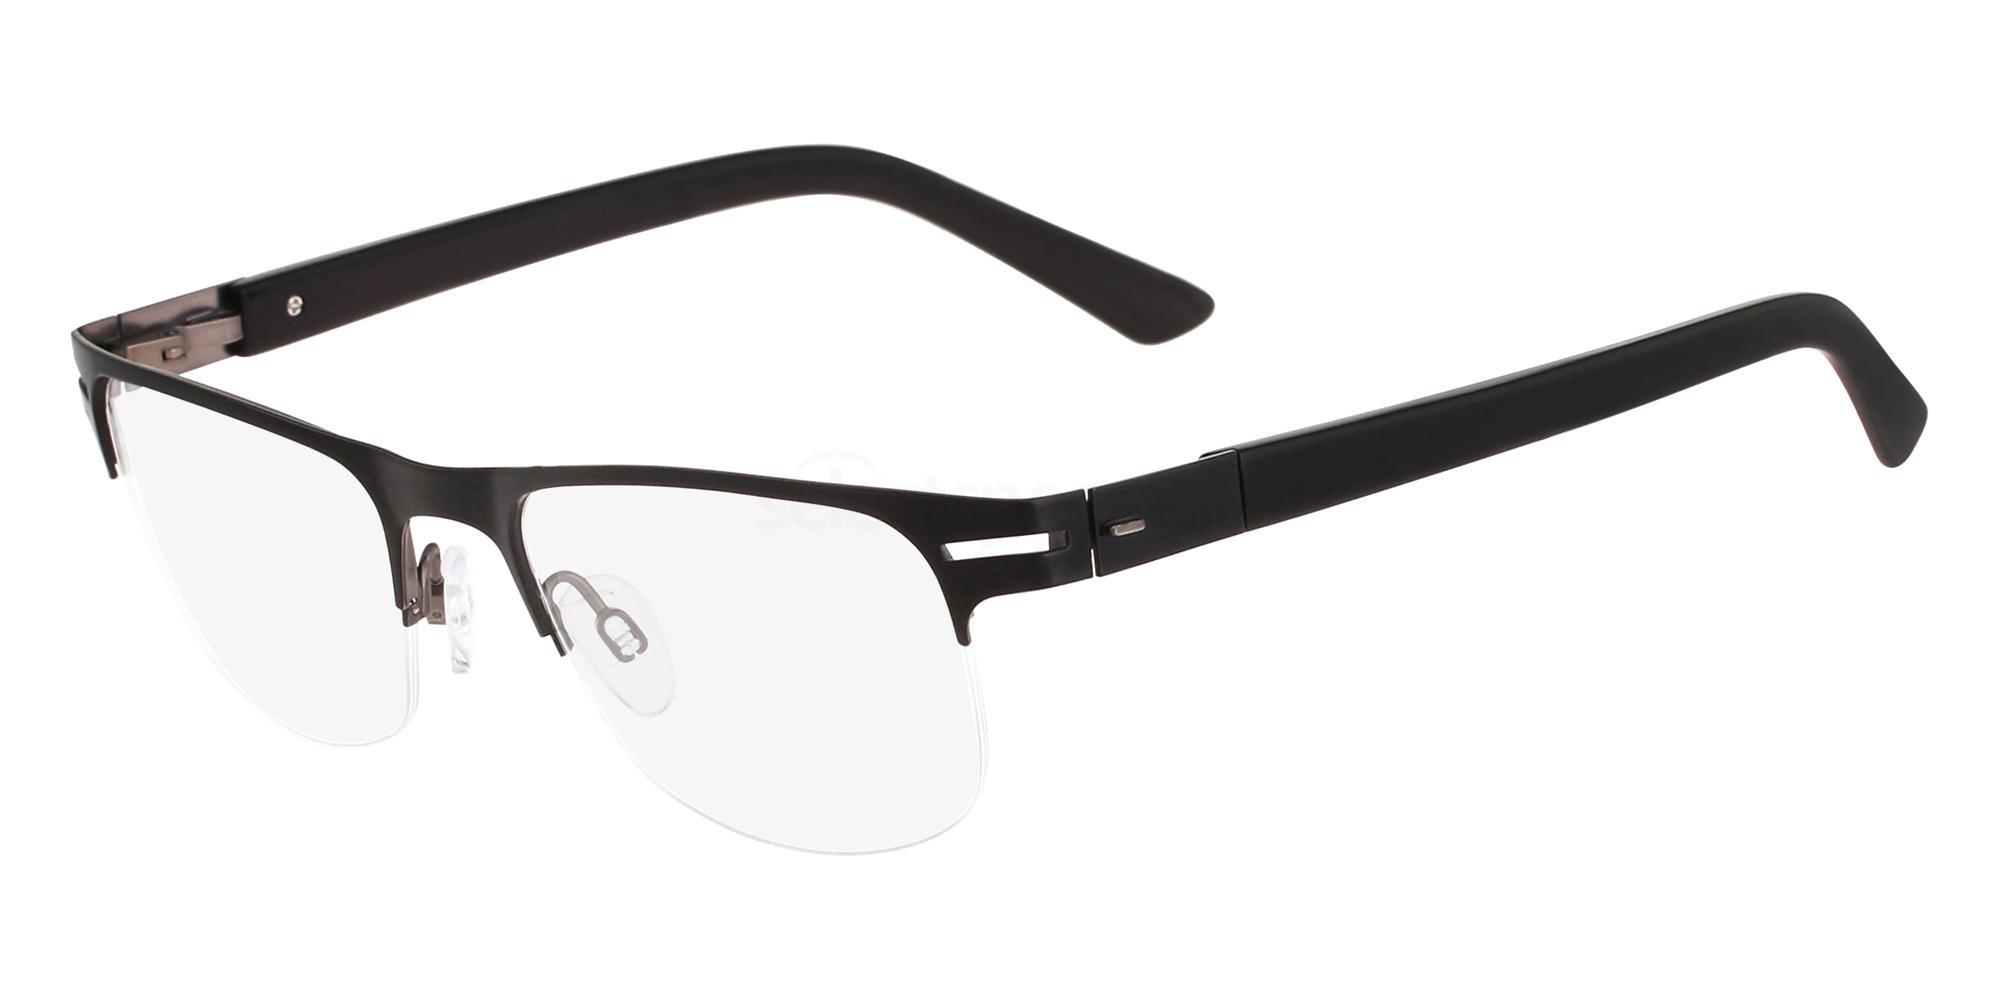 001 2605 VILDAPEL Glasses, Skaga